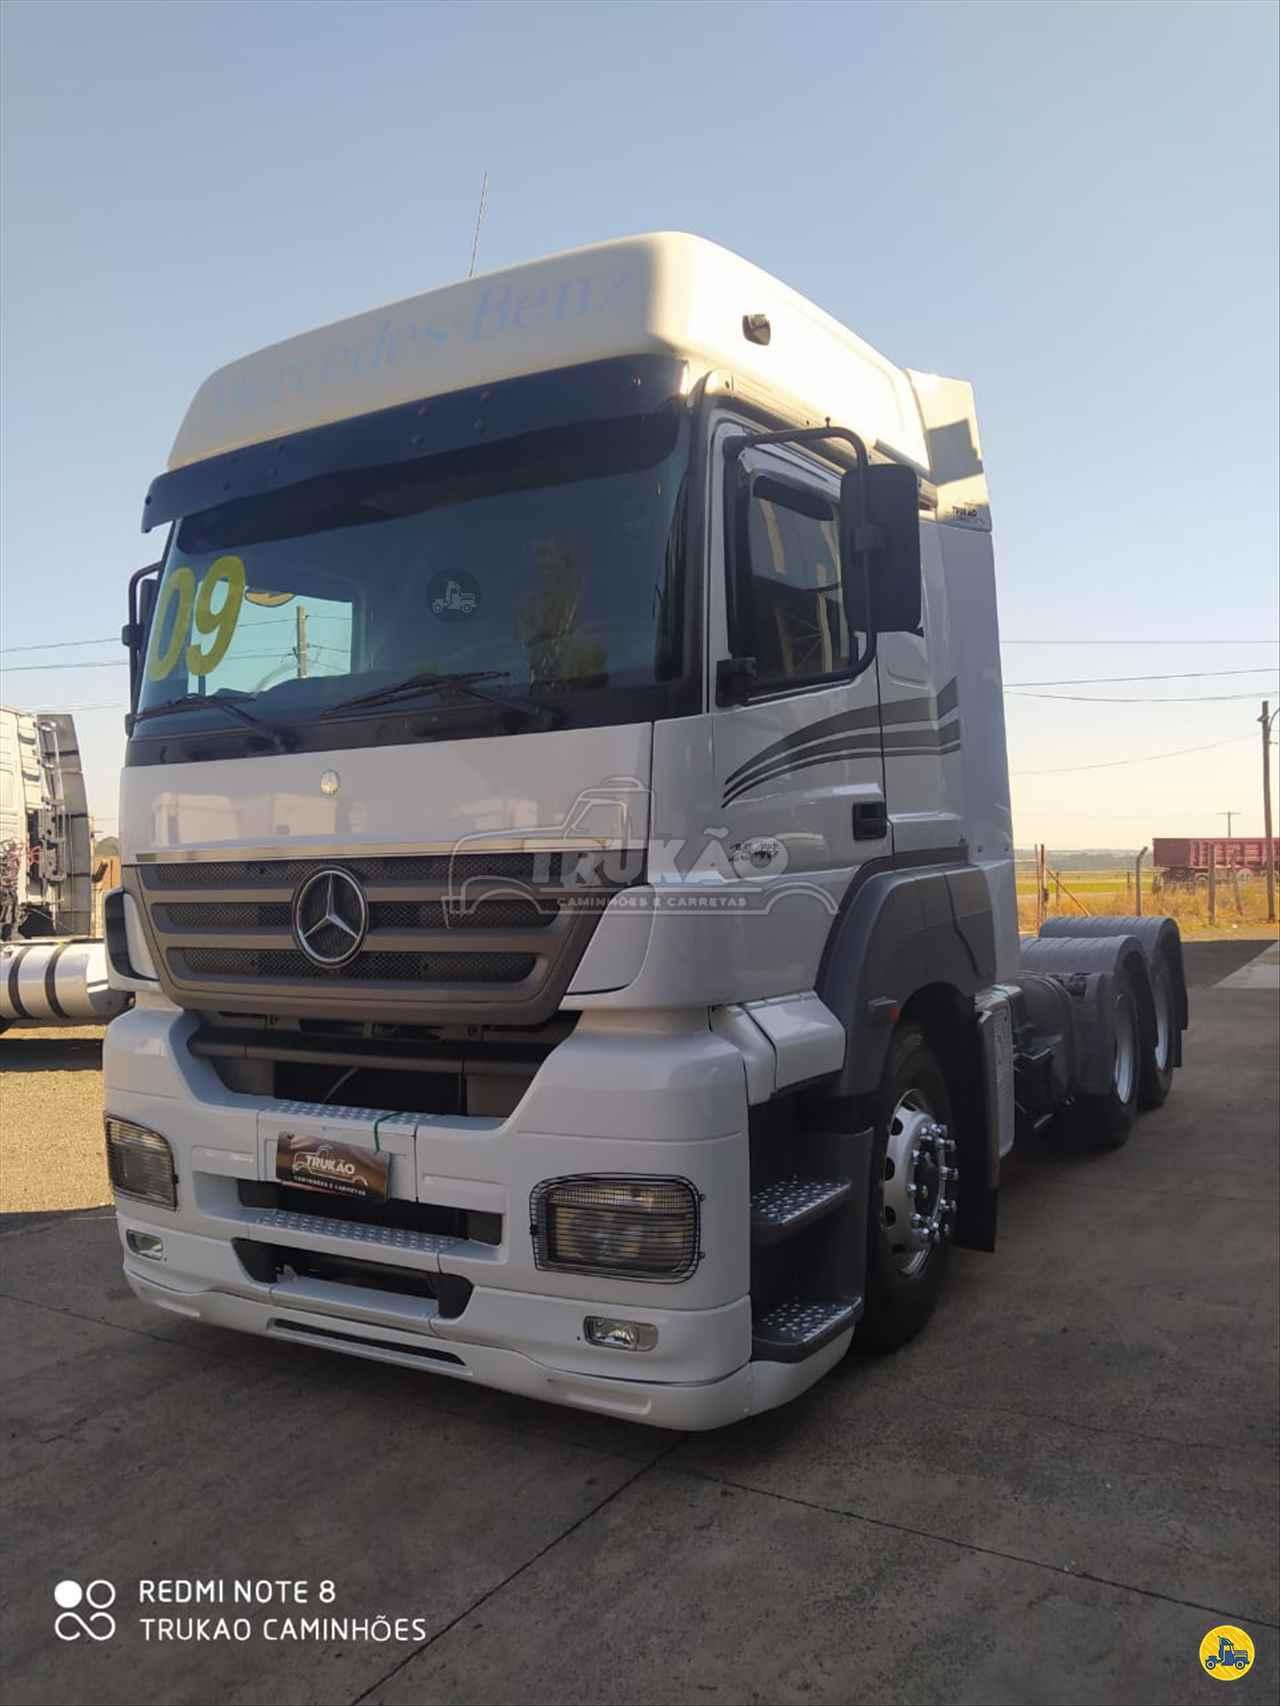 CAMINHAO MERCEDES-BENZ MB 2540 Cavalo Mecânico Truck 6x2 Trukão Caminhões JACUTINGA MINAS GERAIS MG